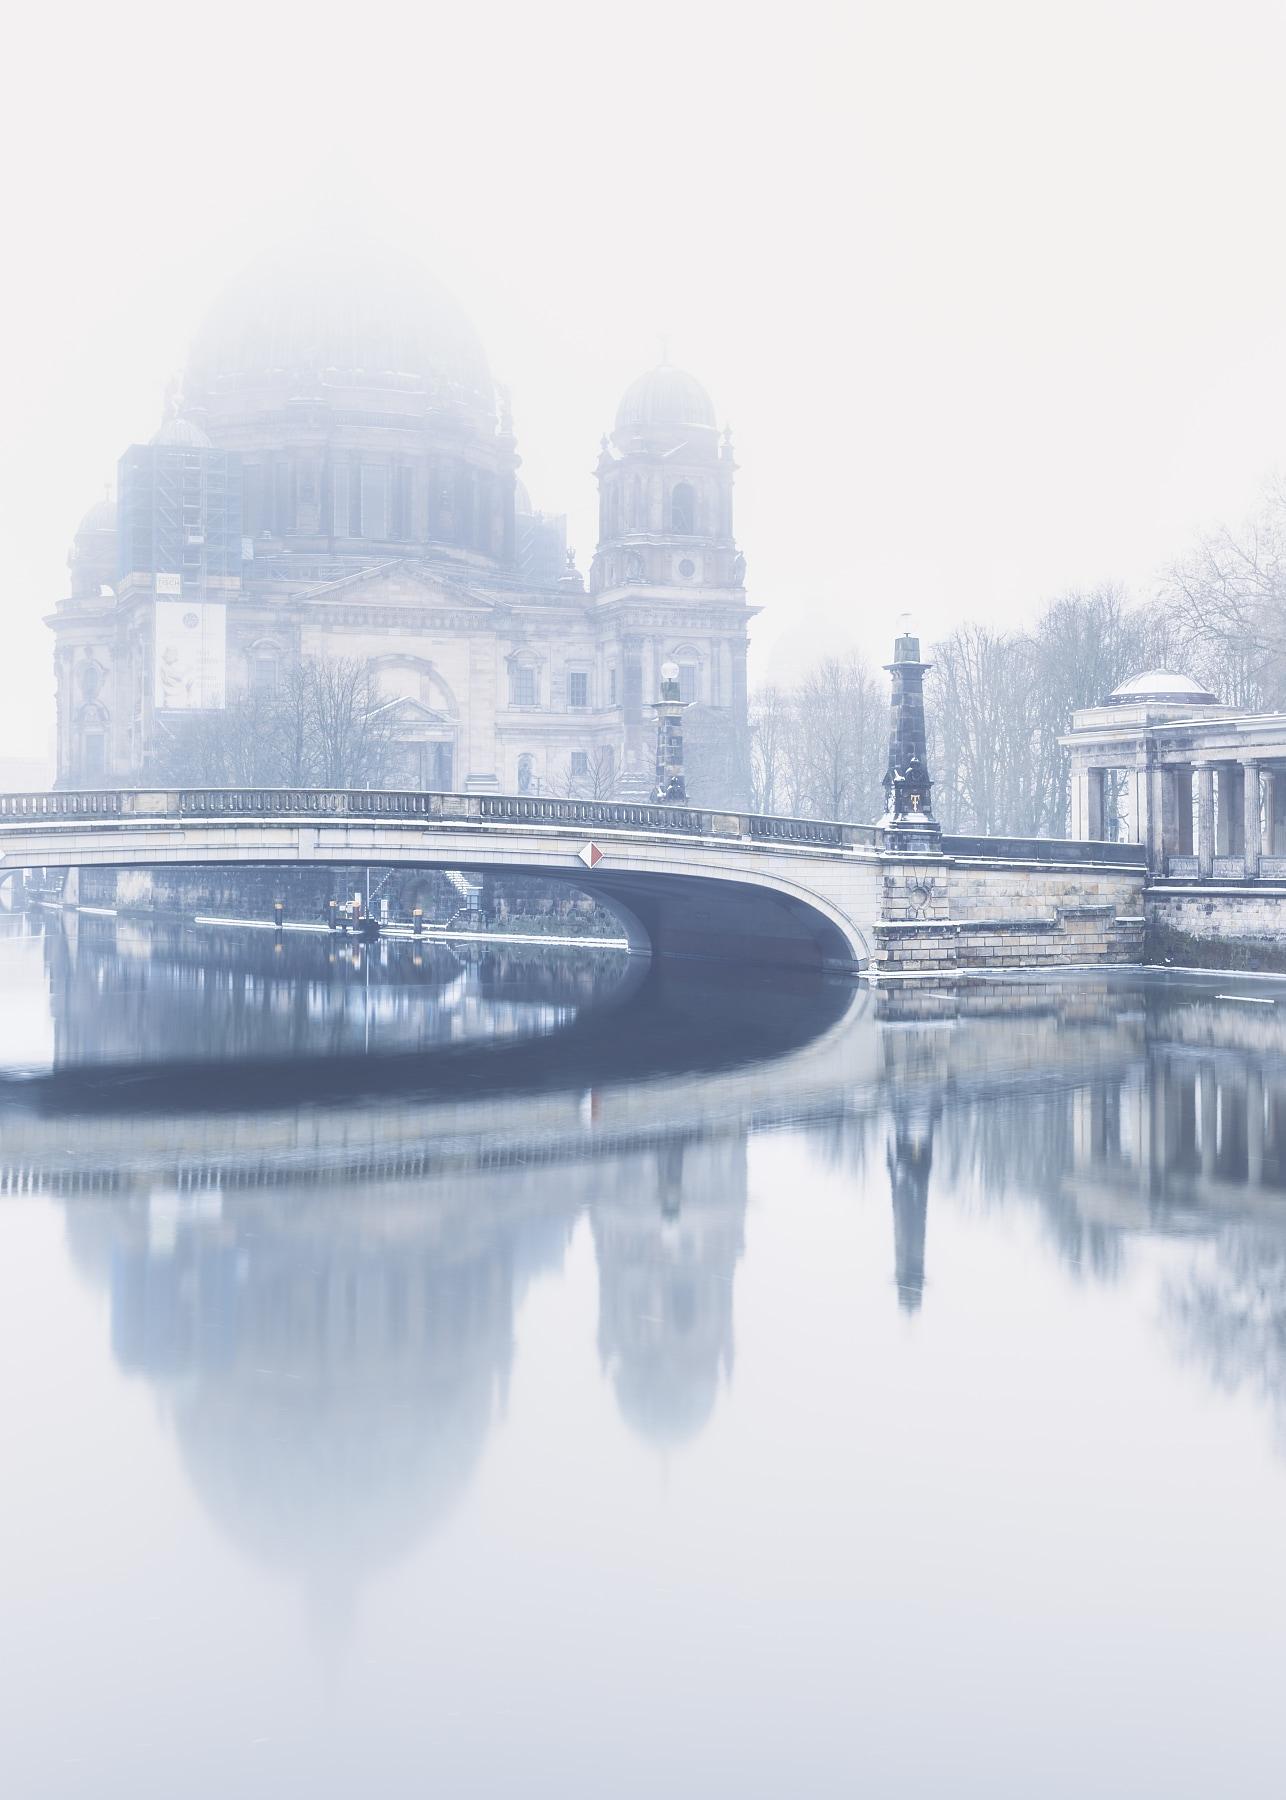 Berliner Dom in fog